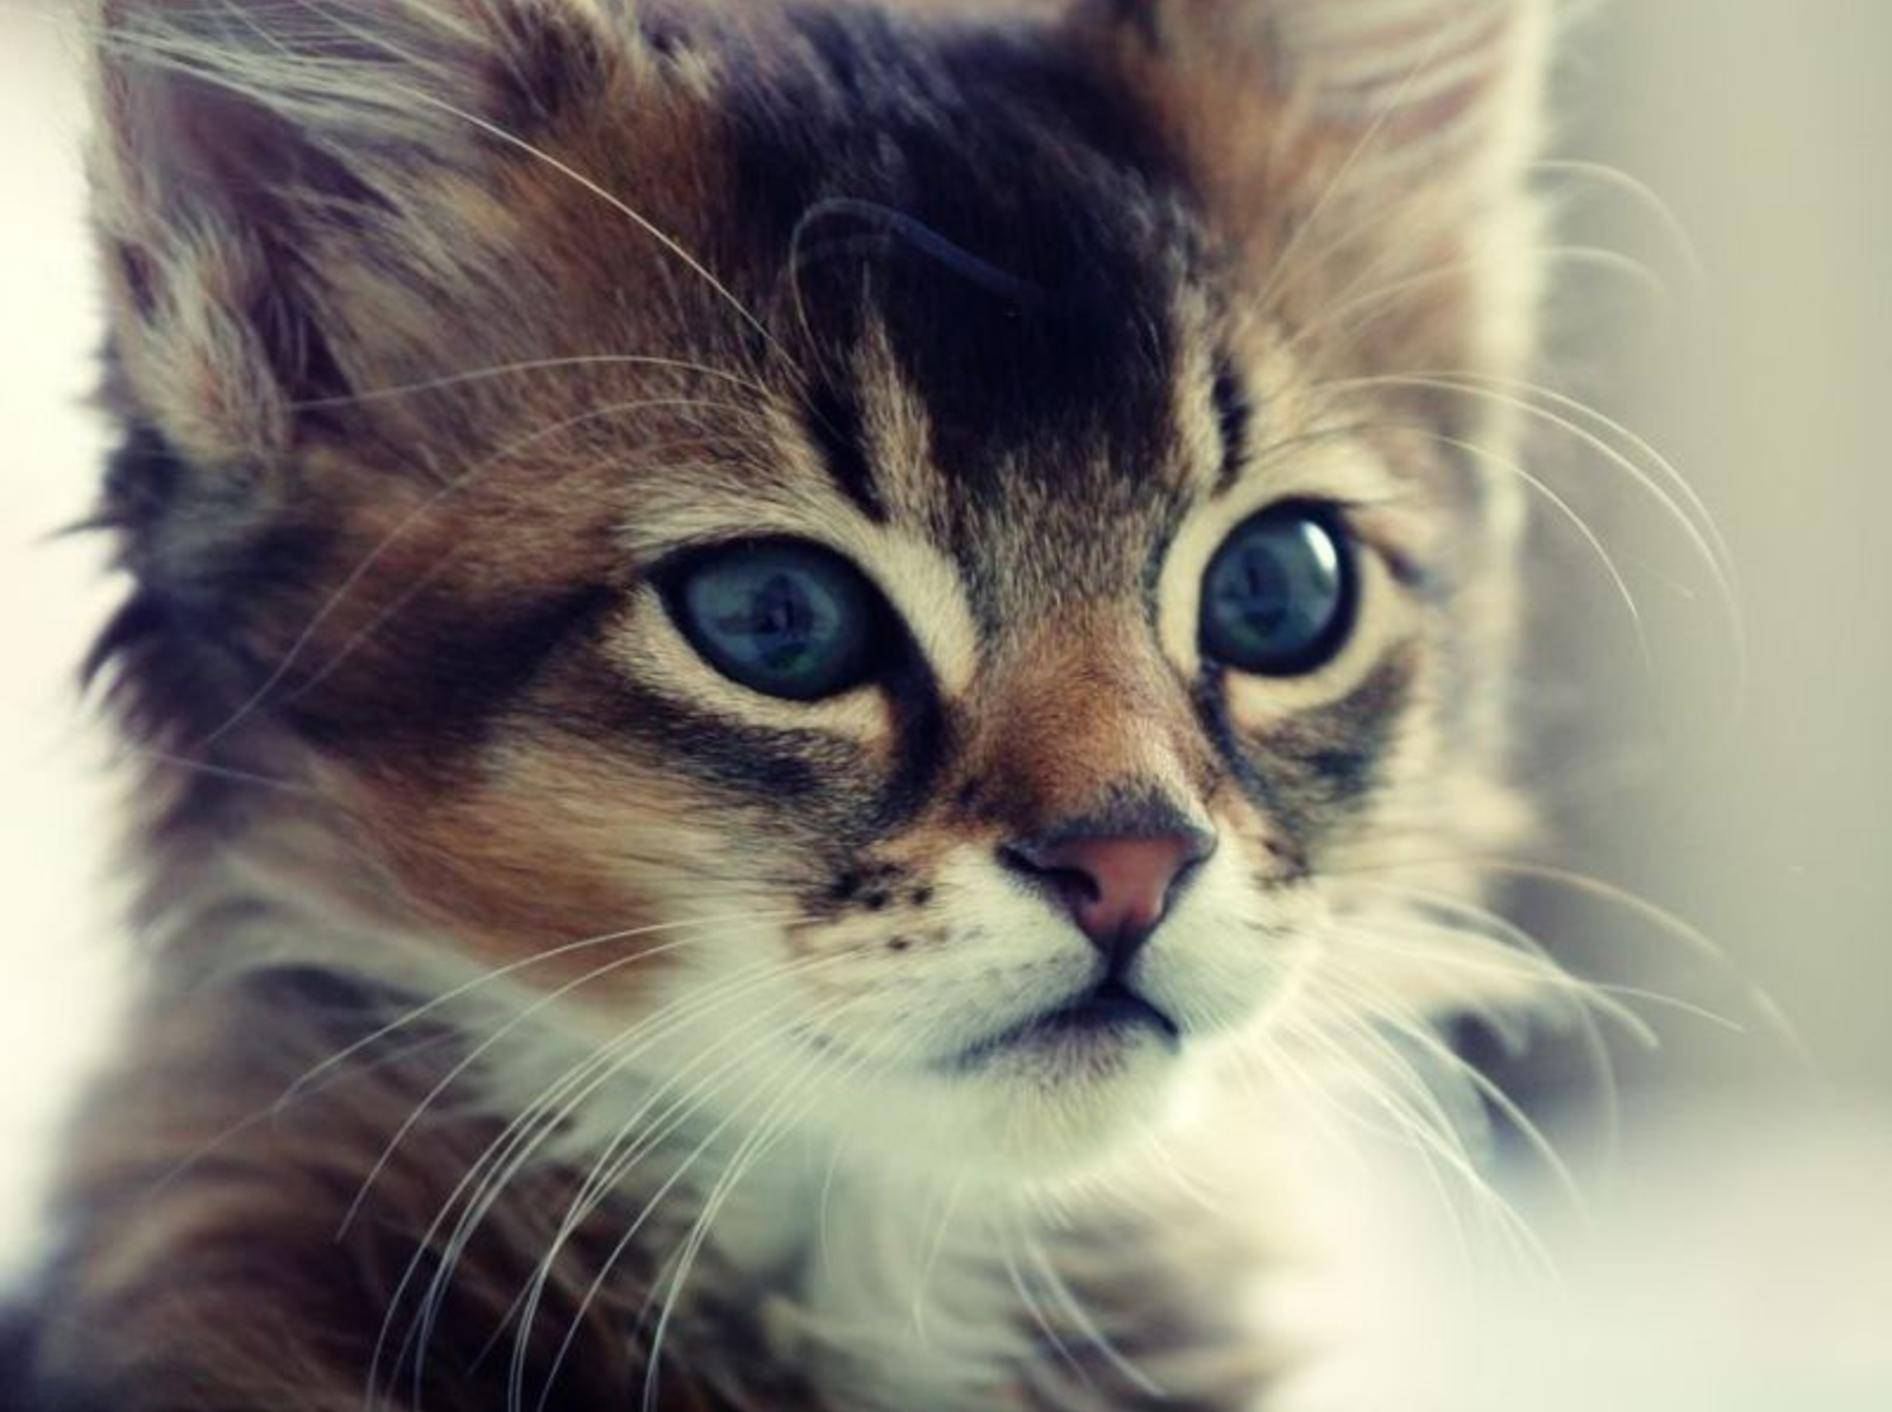 Junge Katze in Nahaufnahme